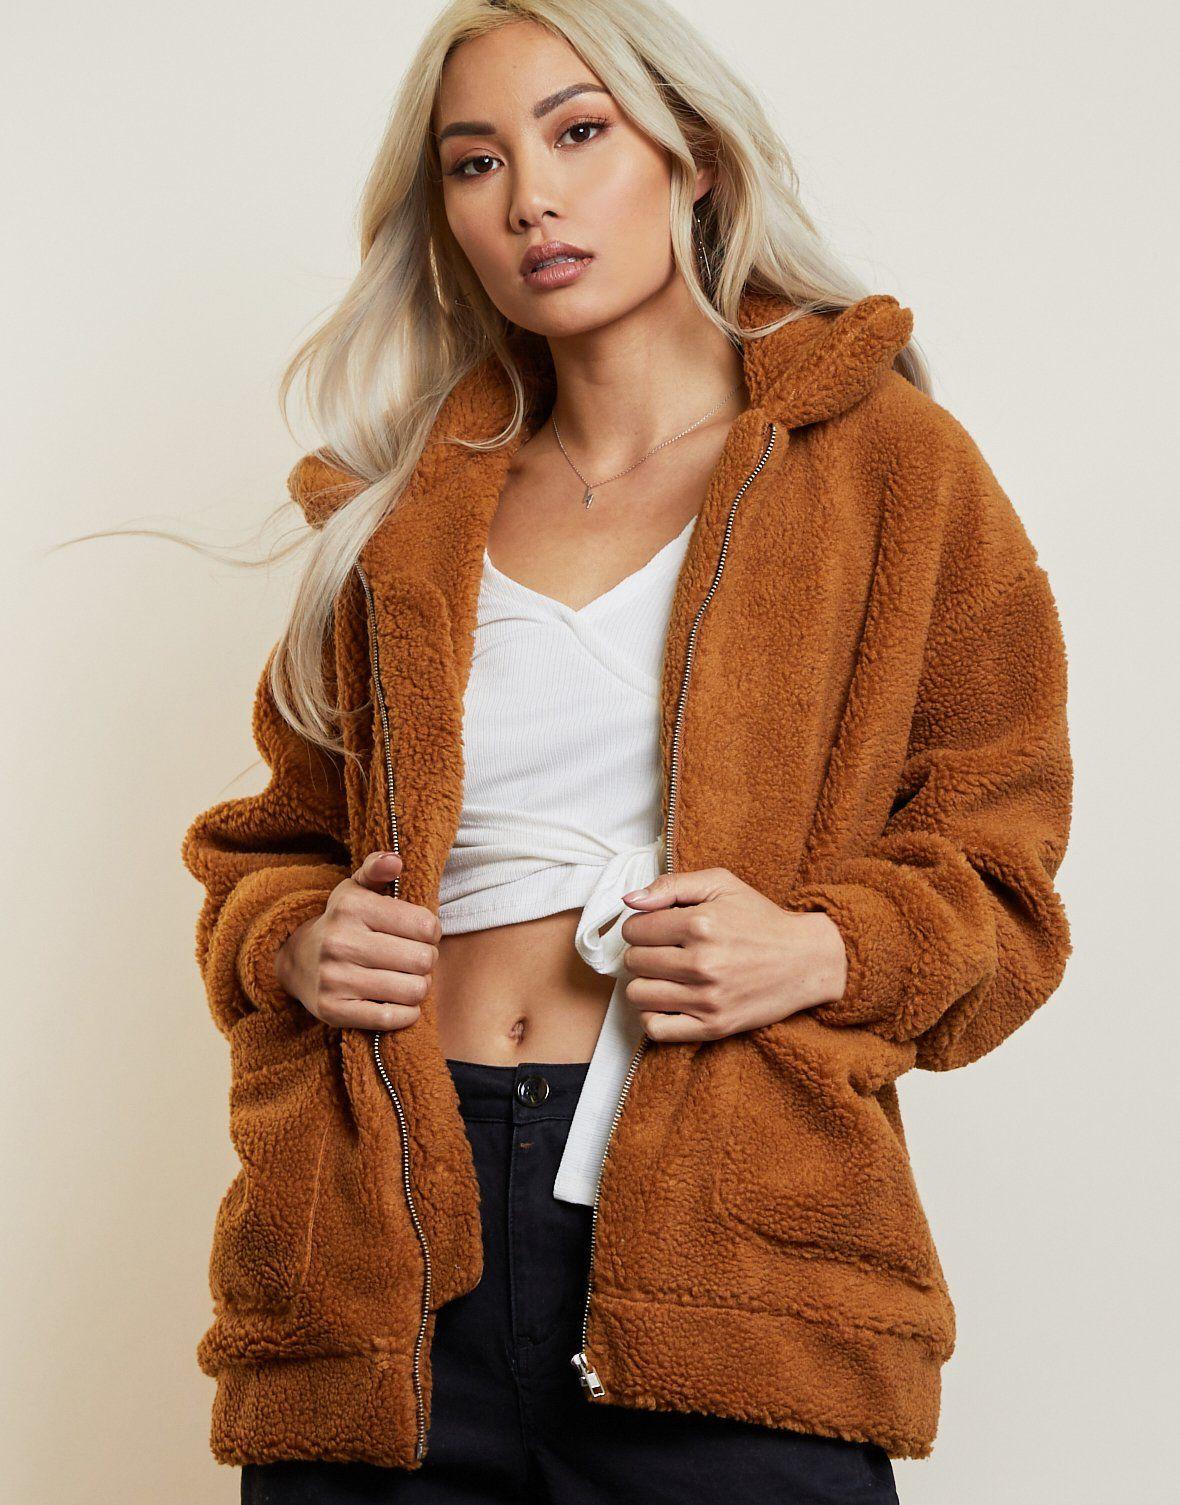 Must Have Oversized Sherpa Coat In 2021 Fall Fashion Coats Fashion Sherpa Coat [ 1505 x 1180 Pixel ]